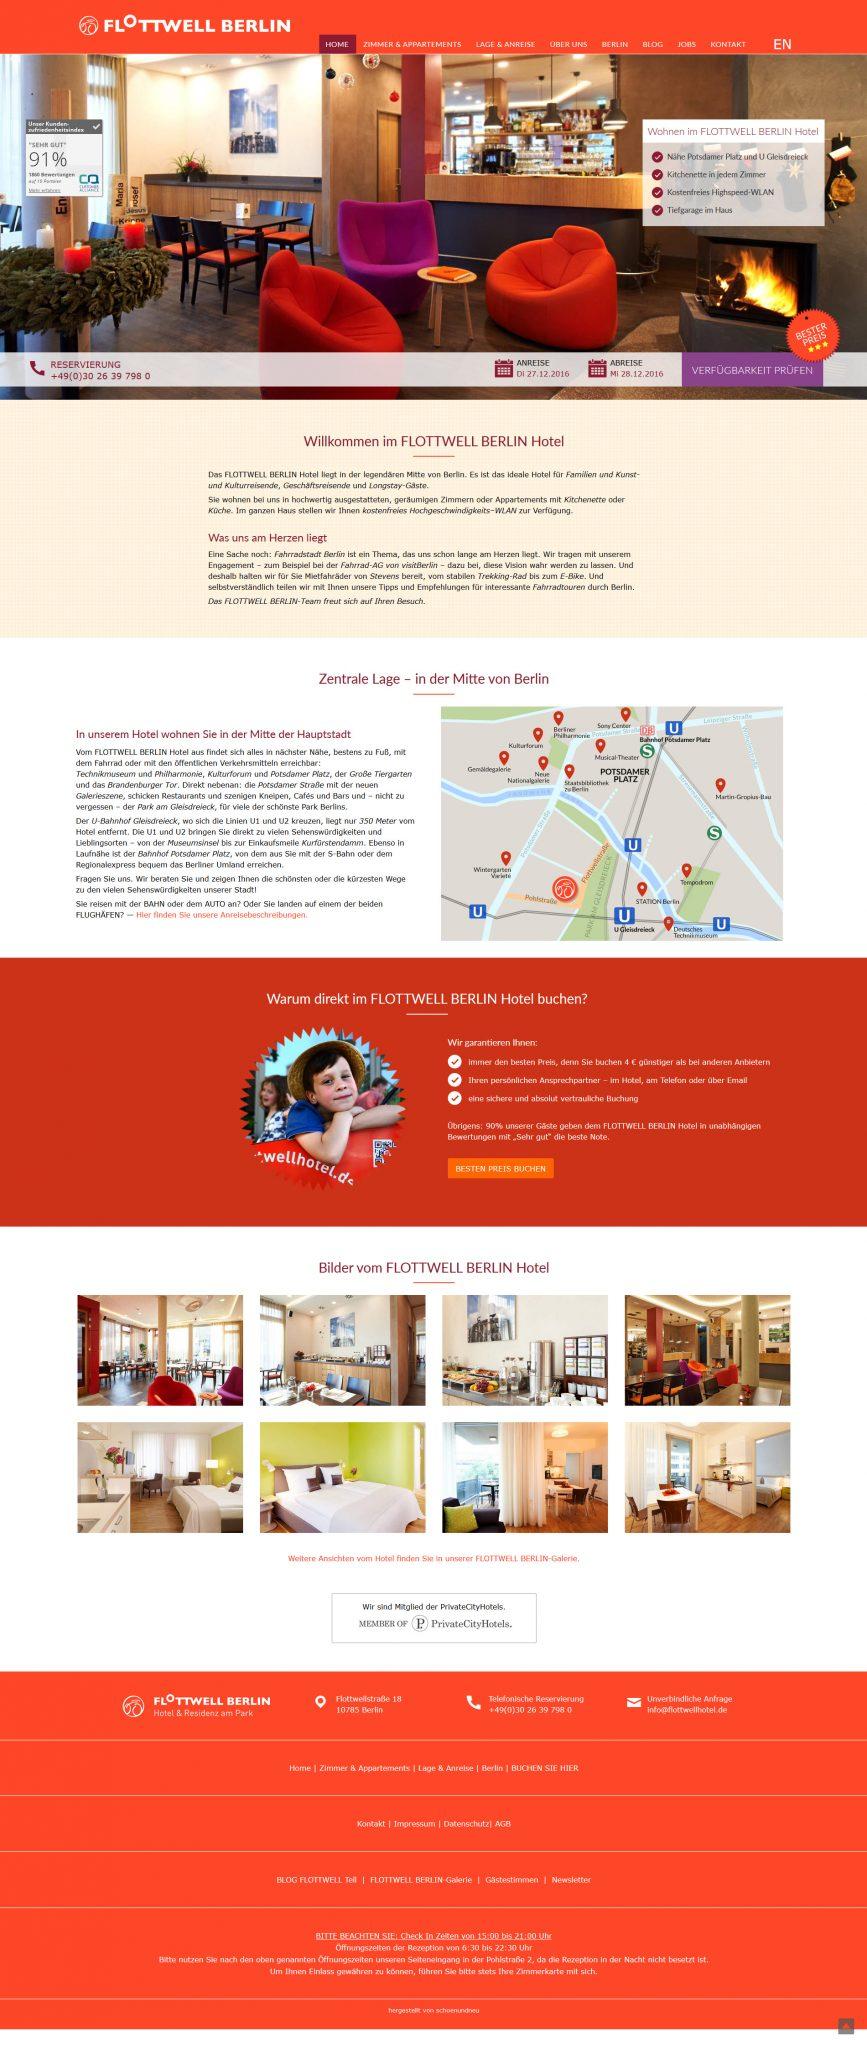 schoenundneu – FLOTTWELL BERLIN Hotel